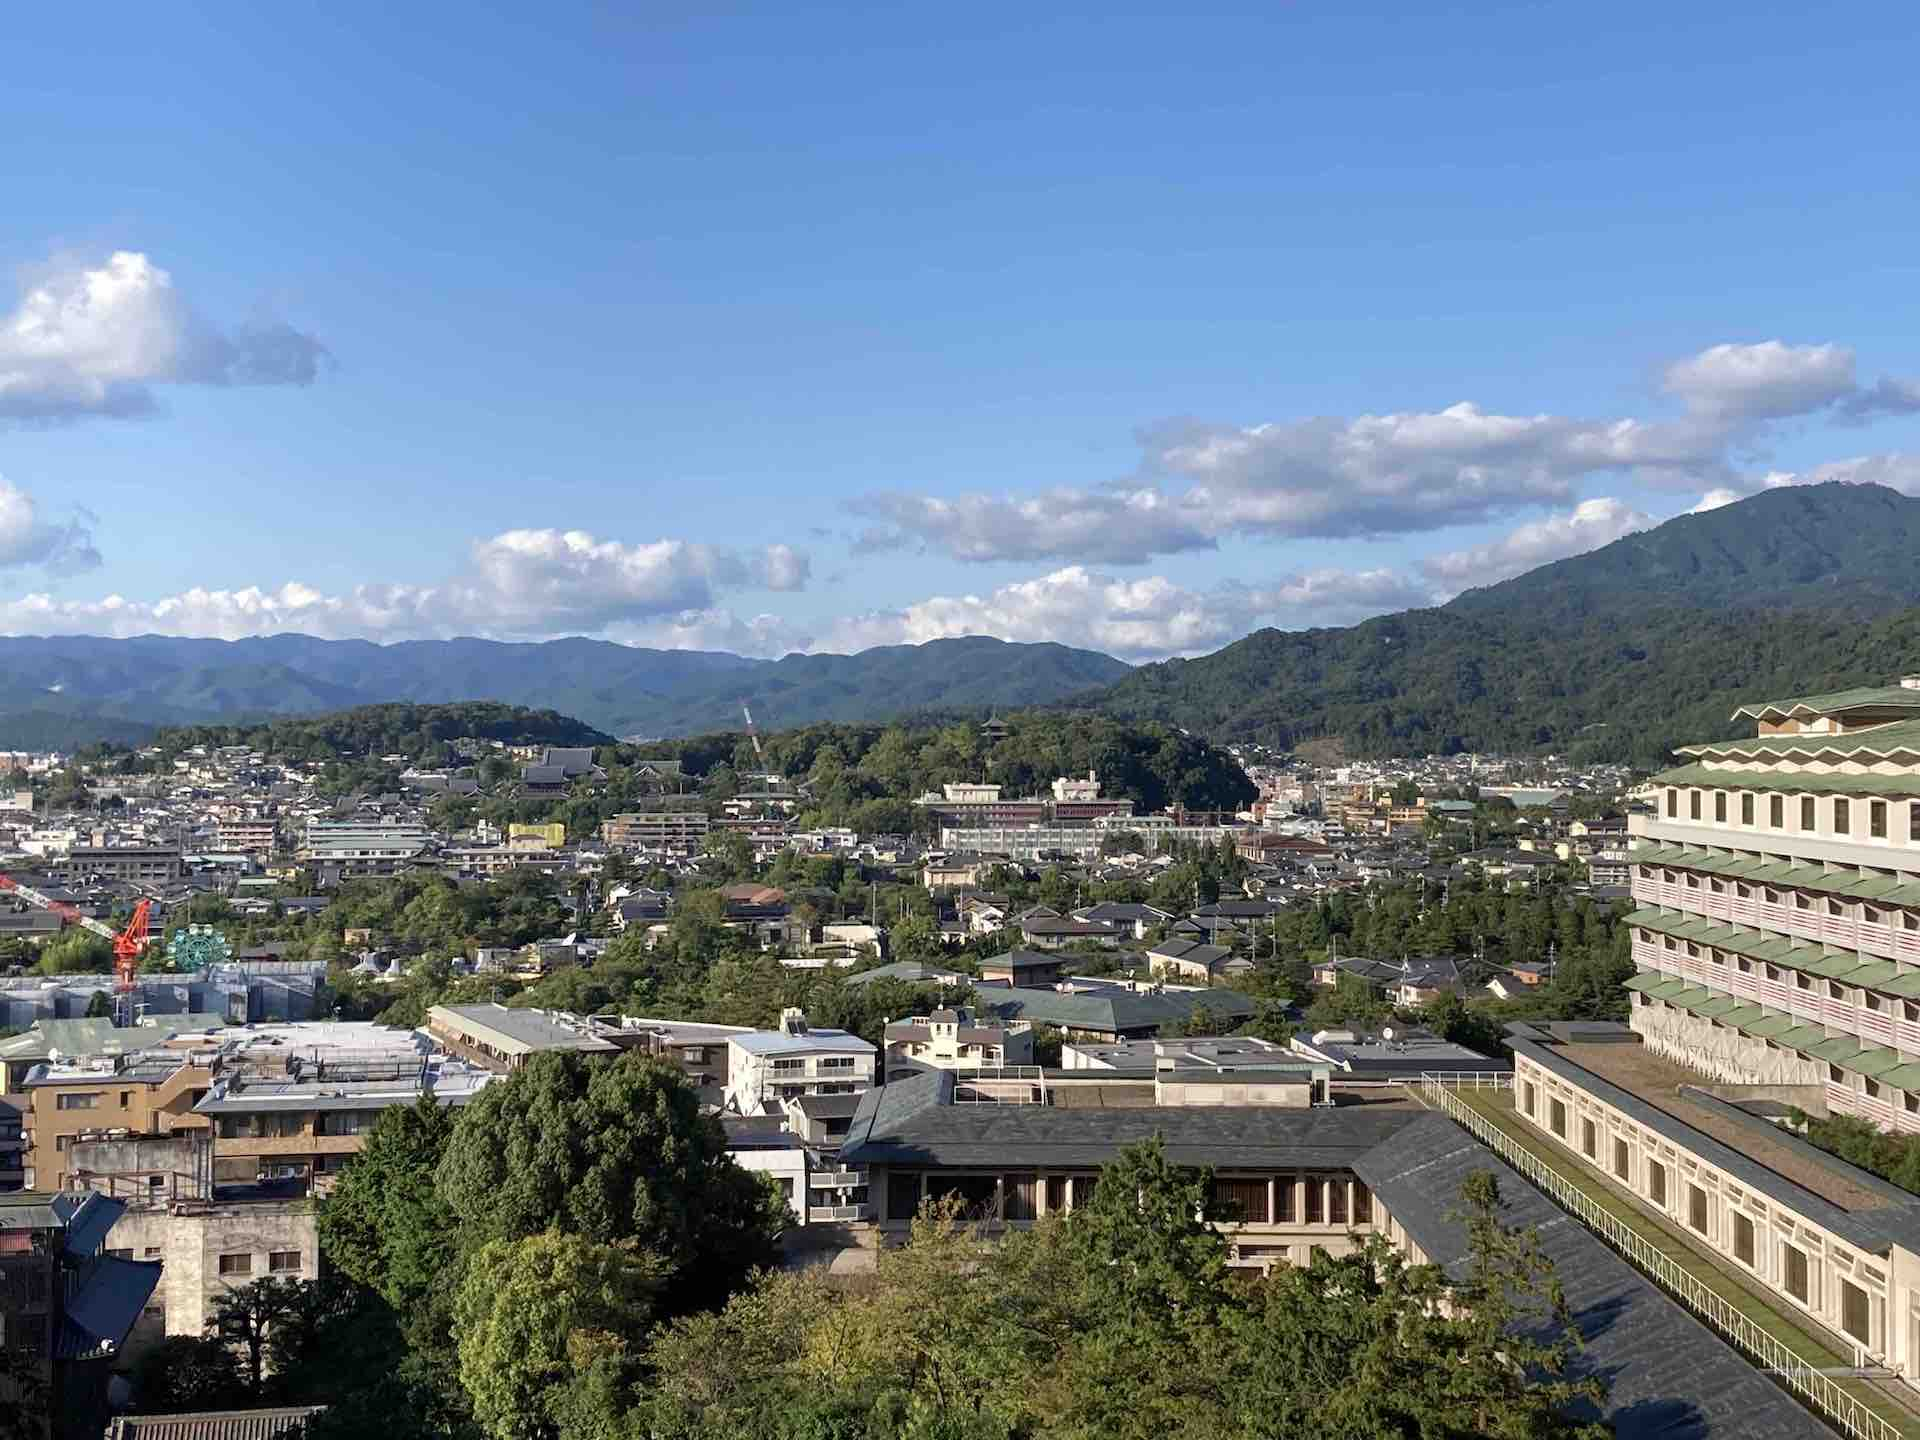 京都一周トレイルの地図【五条通り〜将軍塚〜三条通り(蹴上)】